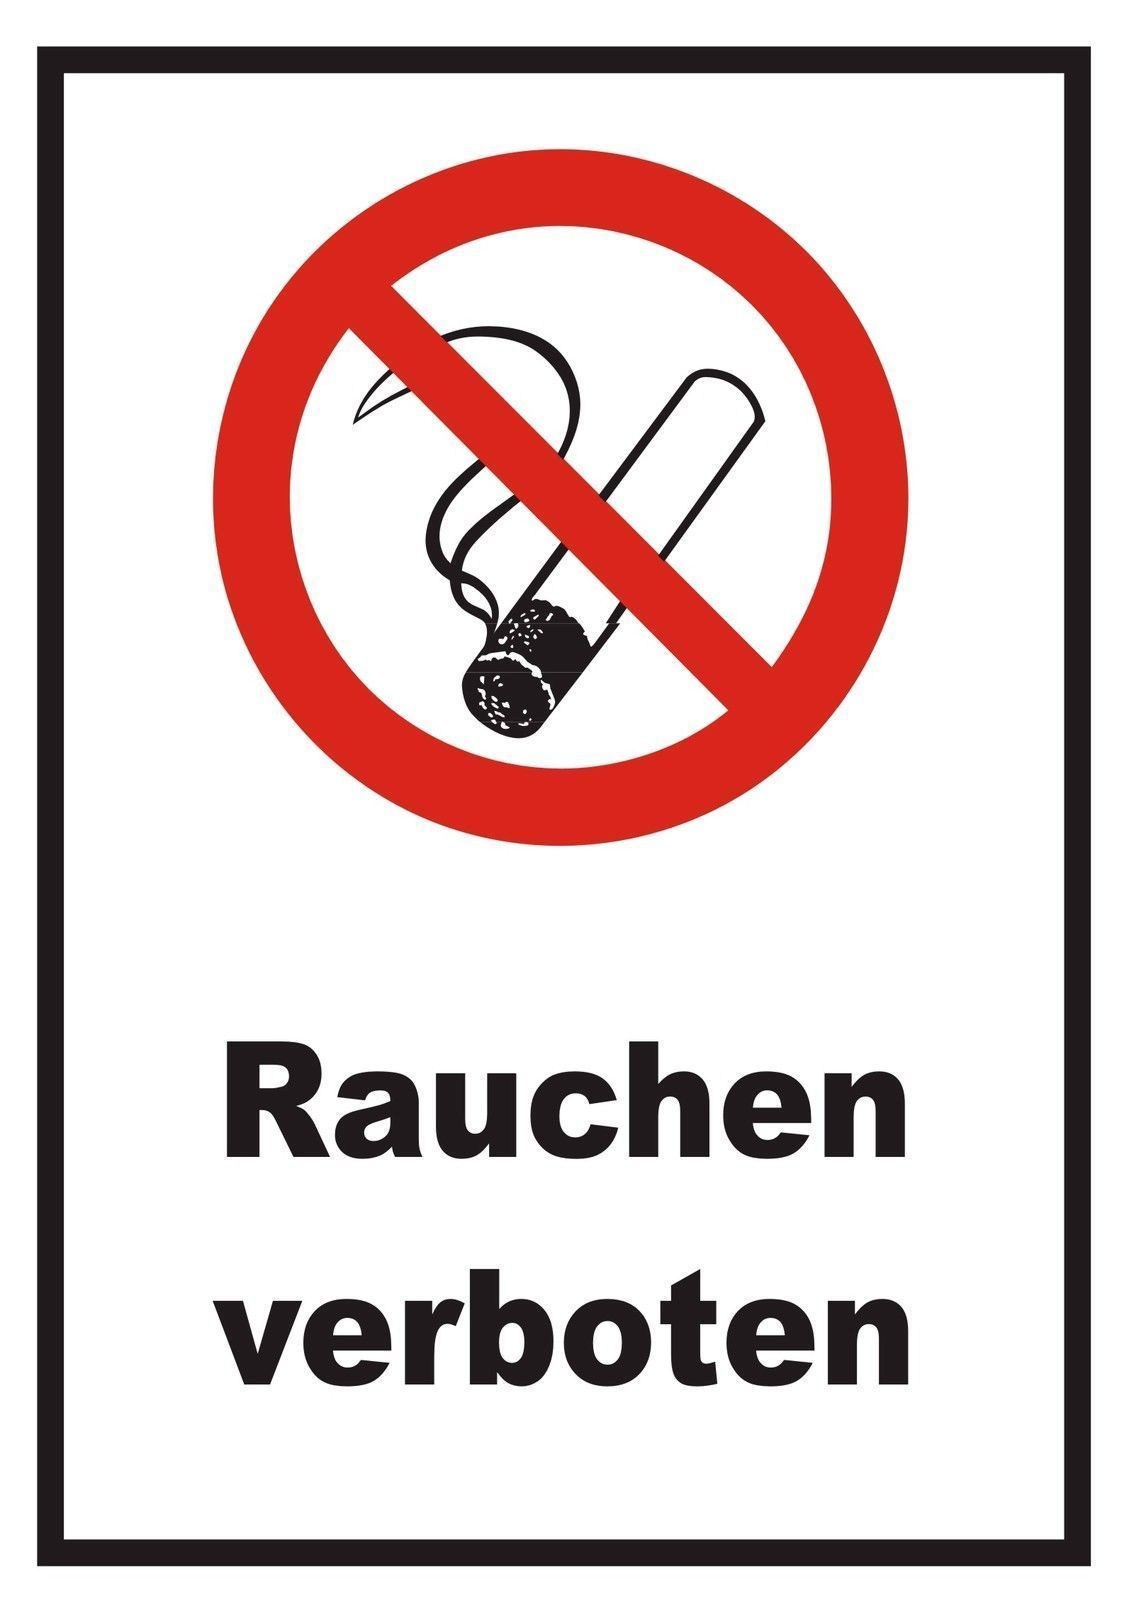 Rauchen Verboten Ein Schild Sagt Mehr Als Tausend Worte